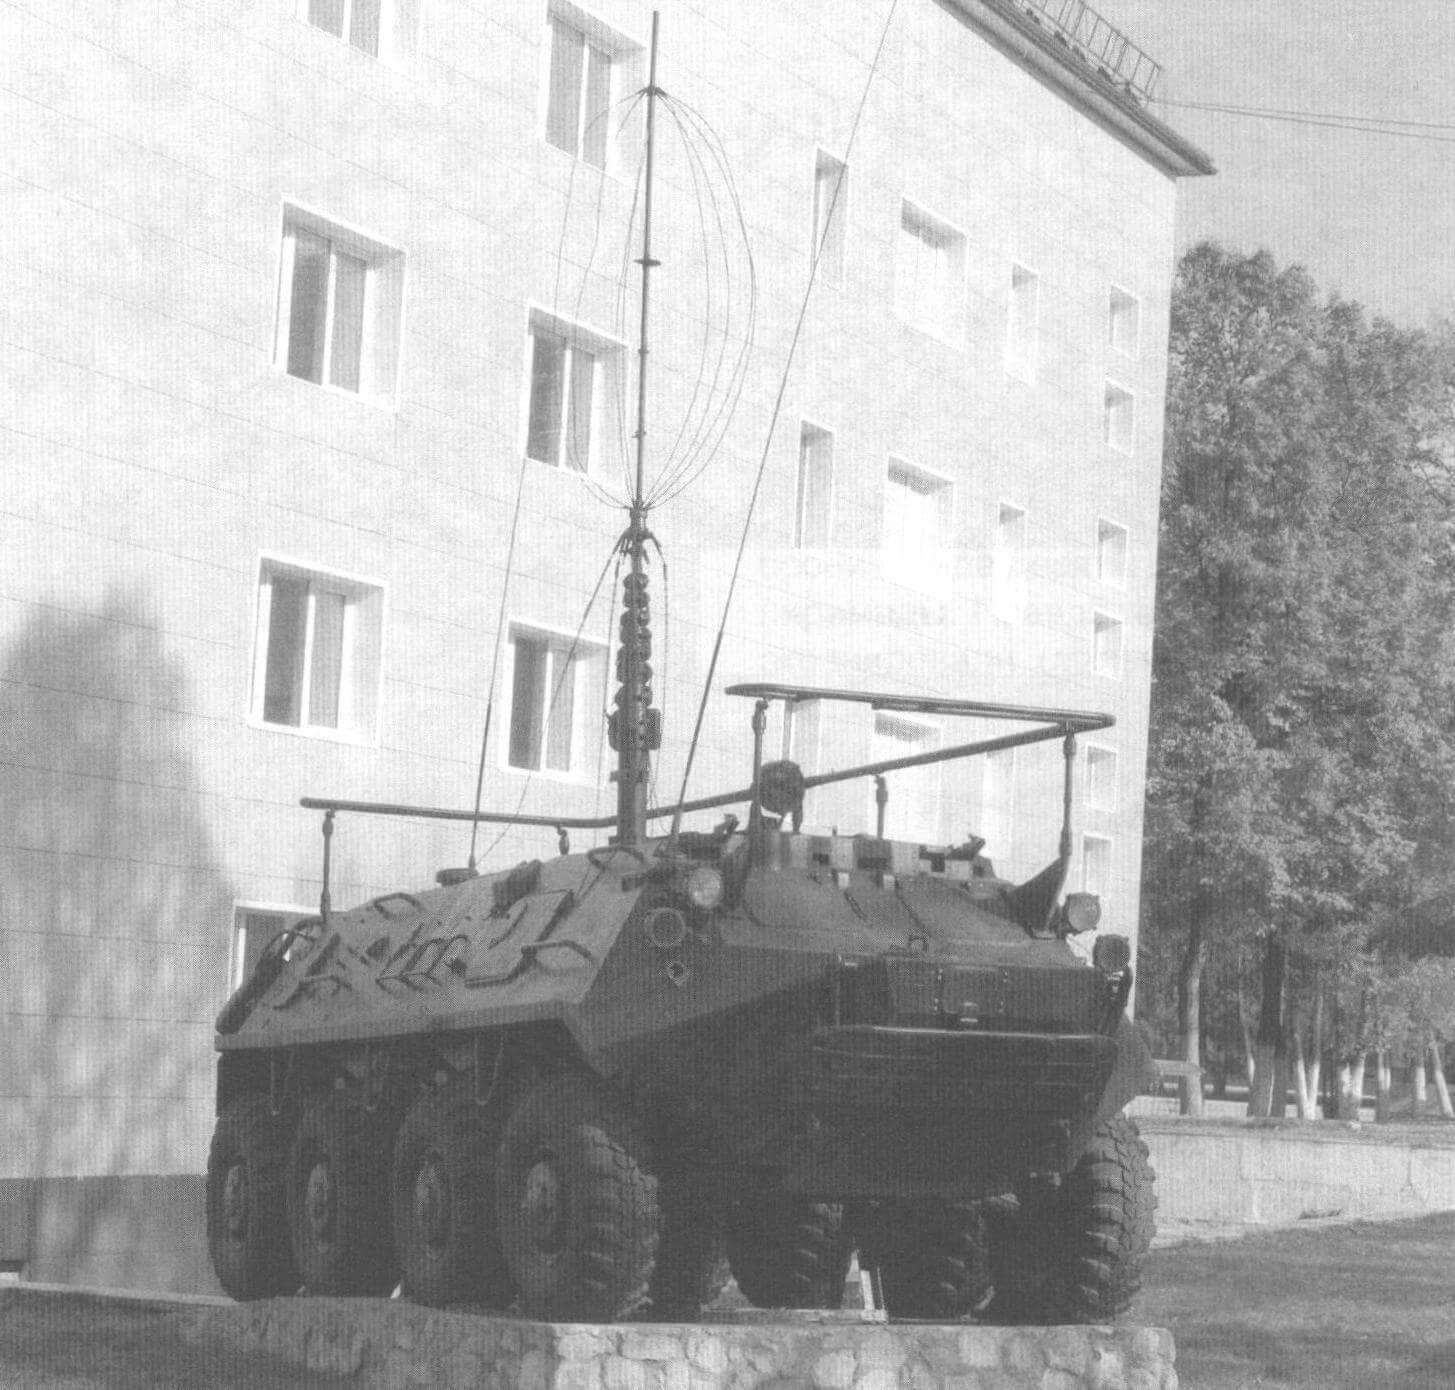 Командно-штабная машина на базе БТР-60П на территории Рязанского высшего военного командного училища связи